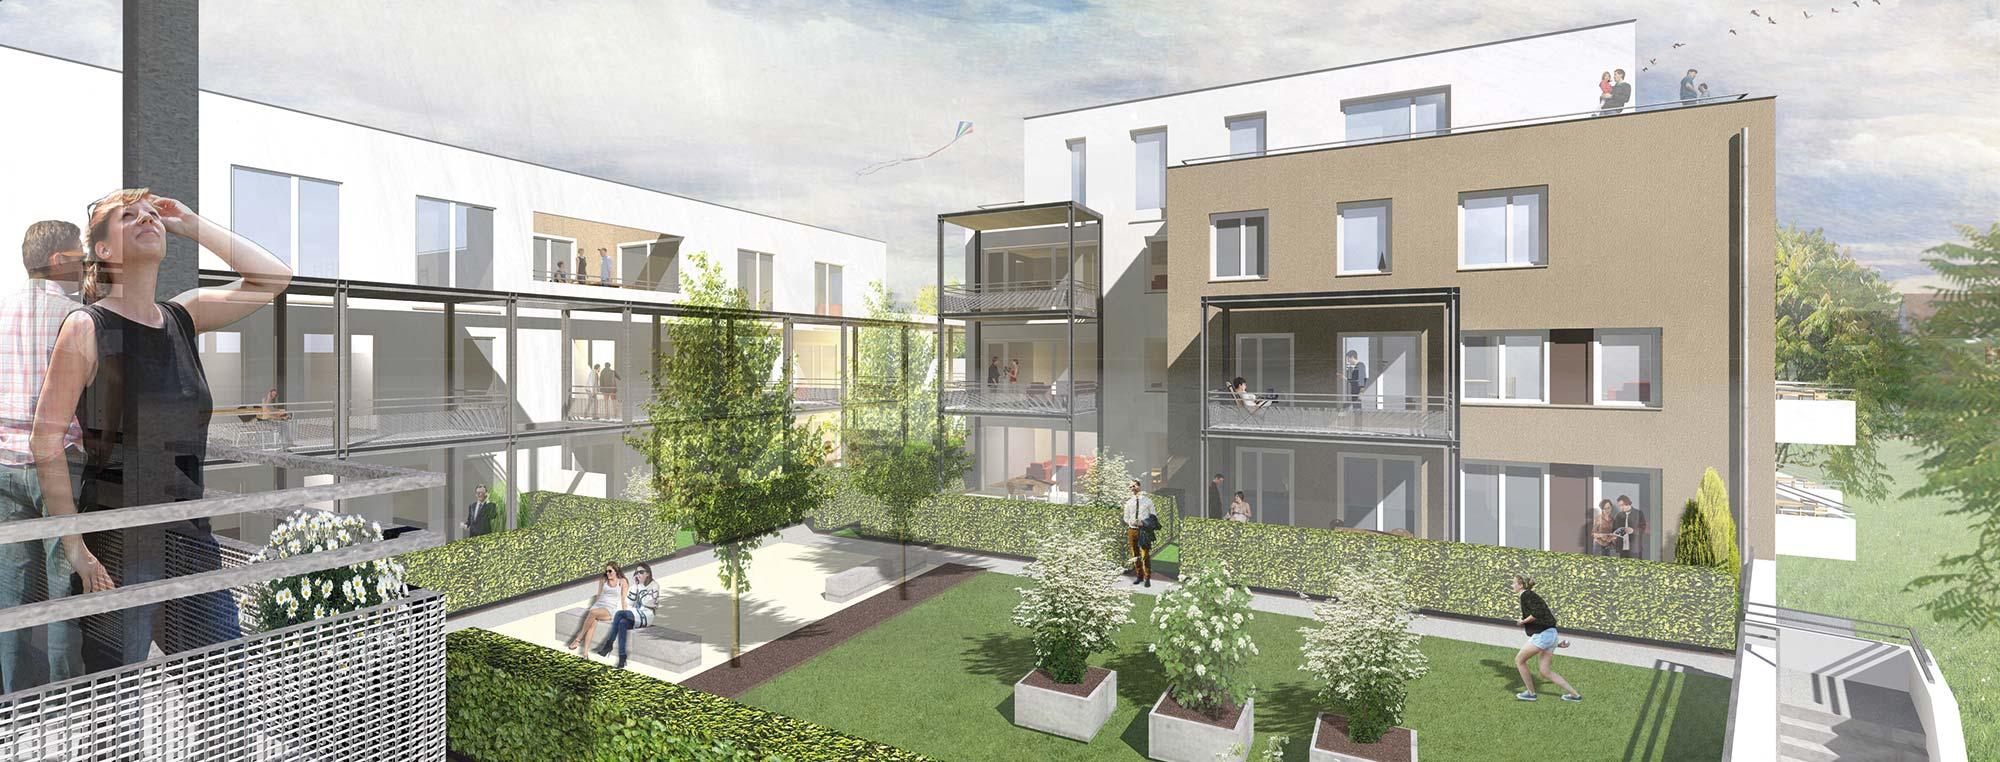 Guntiapark Guenzburg Bauunternehmen bendl